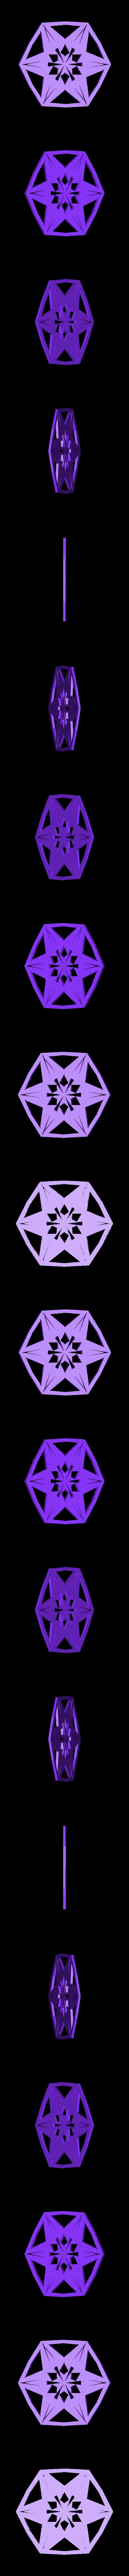 kiri2.stl Télécharger fichier STL gratuit Flocon de neige kirigami aléatoire dans BlocksCAD • Plan pour impression 3D, arpruss